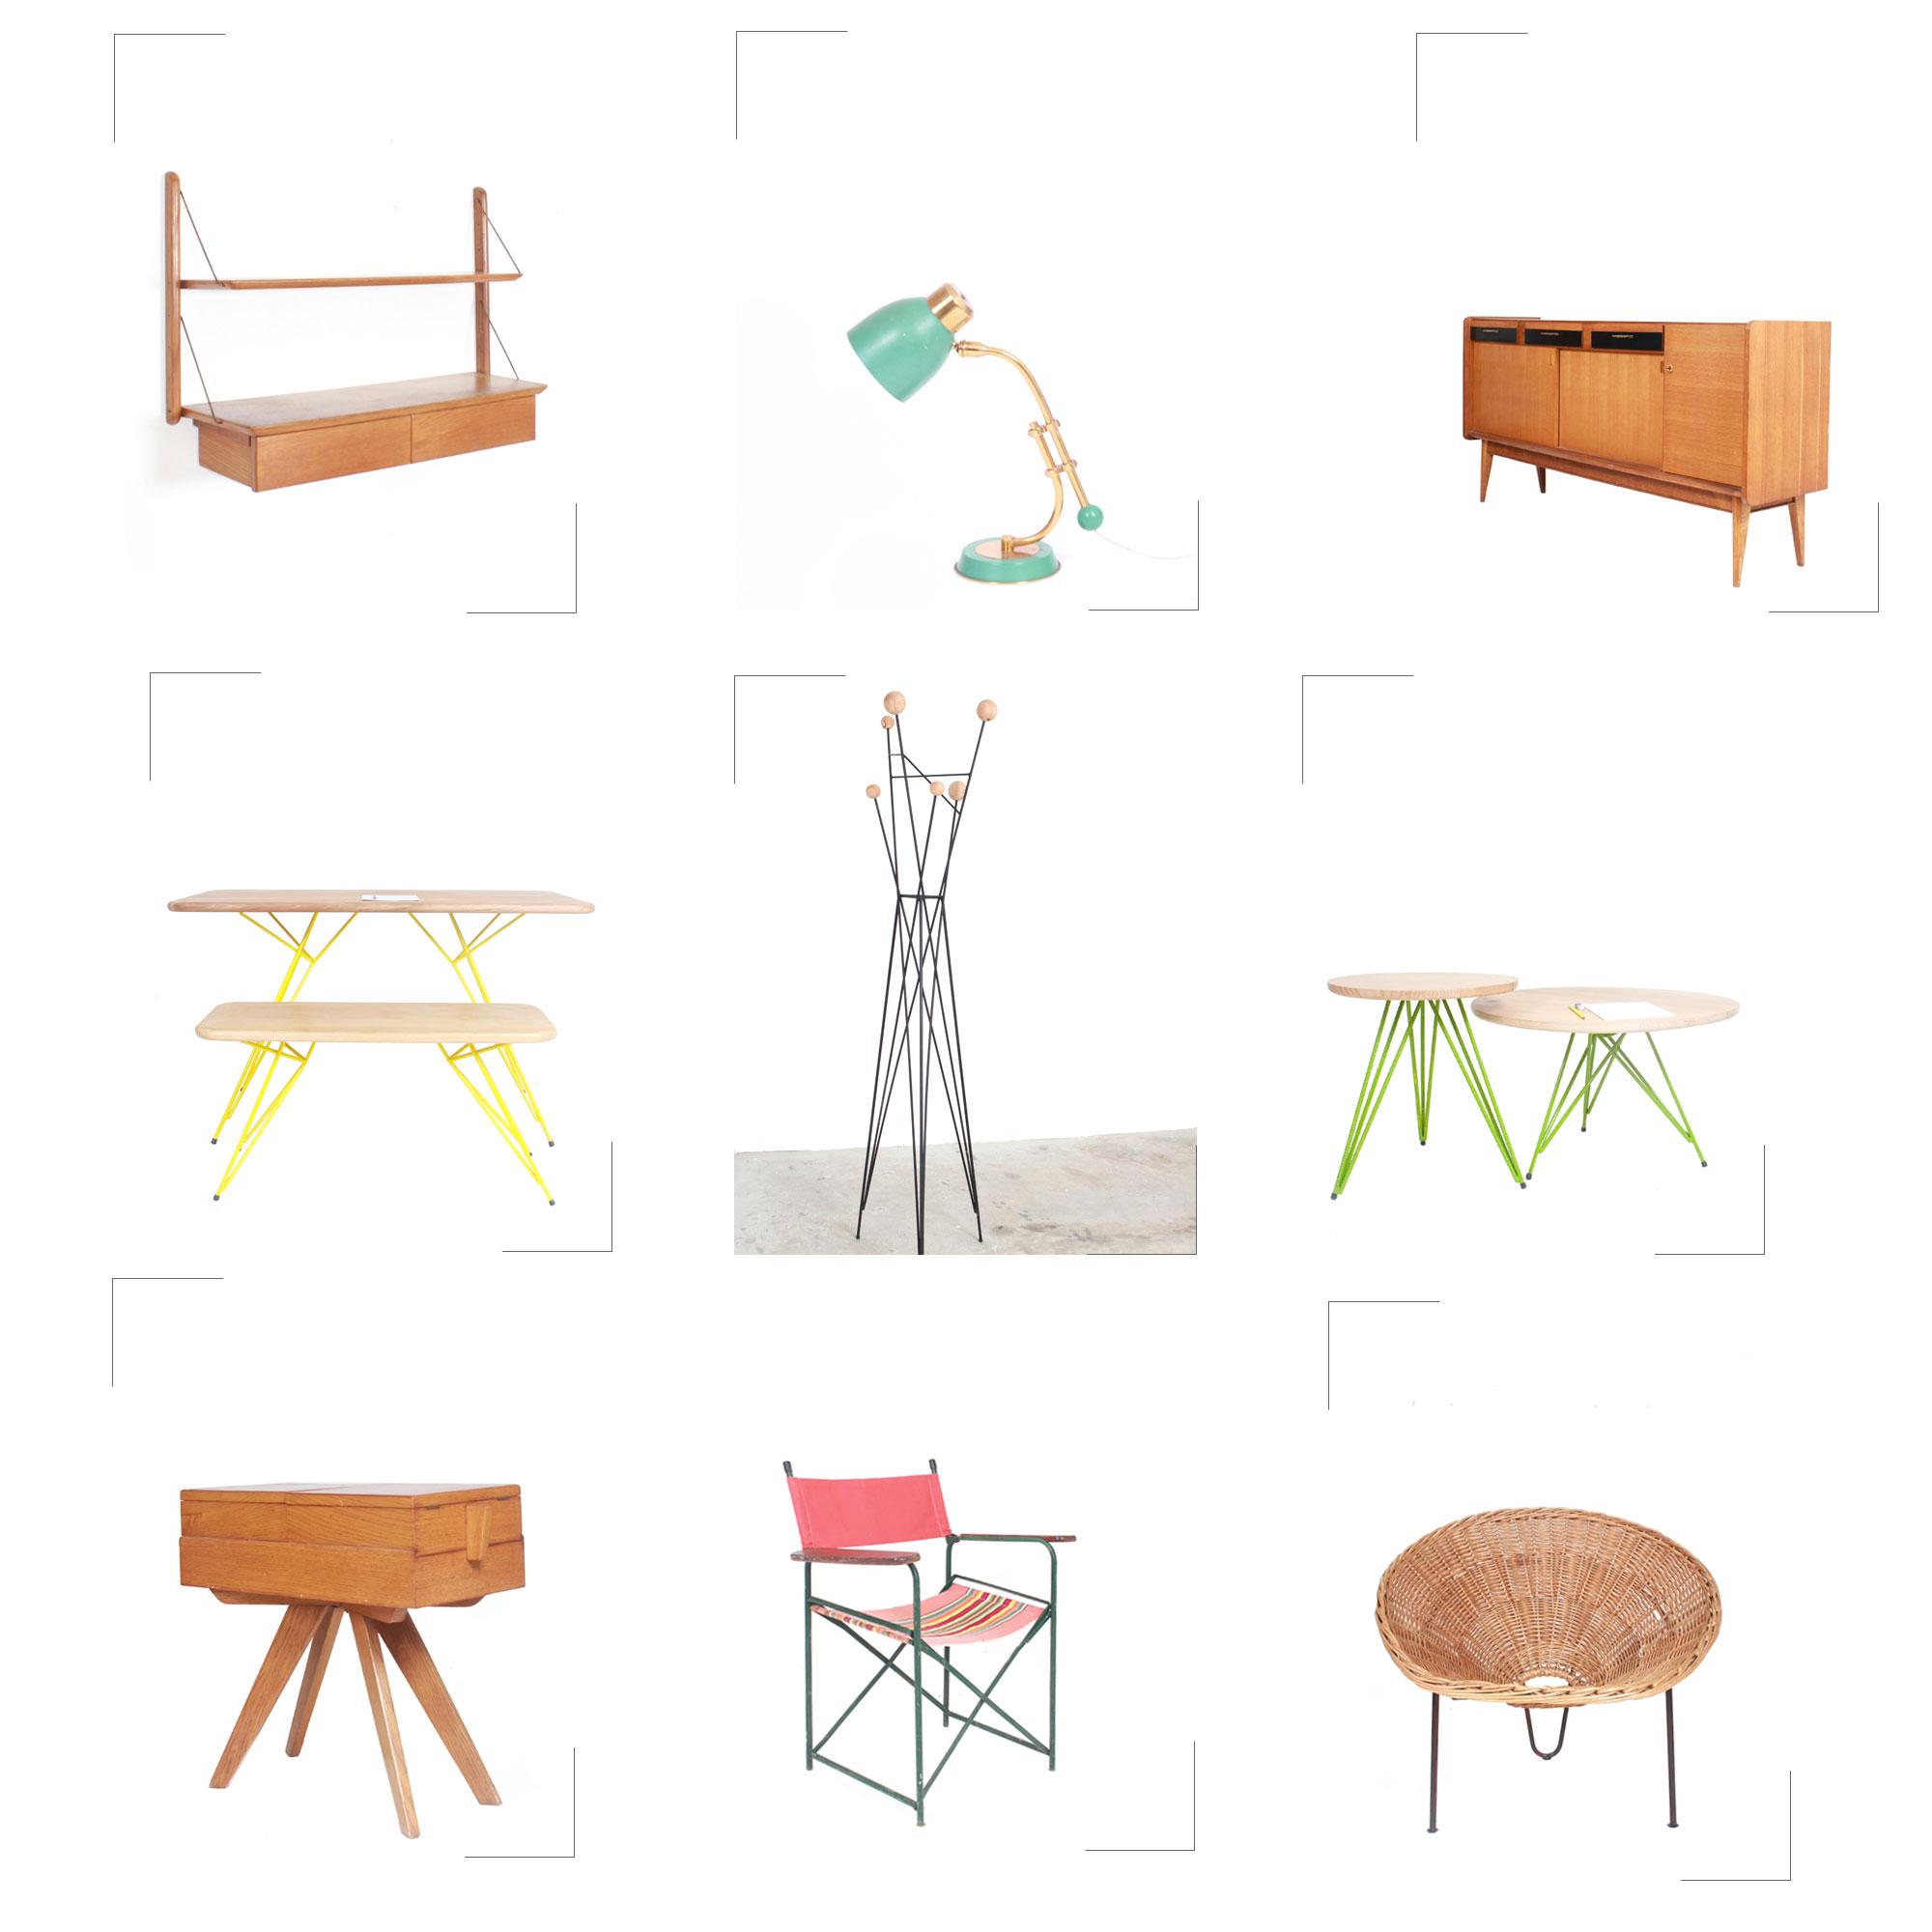 mobilier-vintage-enfilade-scandinave-fauteuil-osier-deco-kids-pssstt